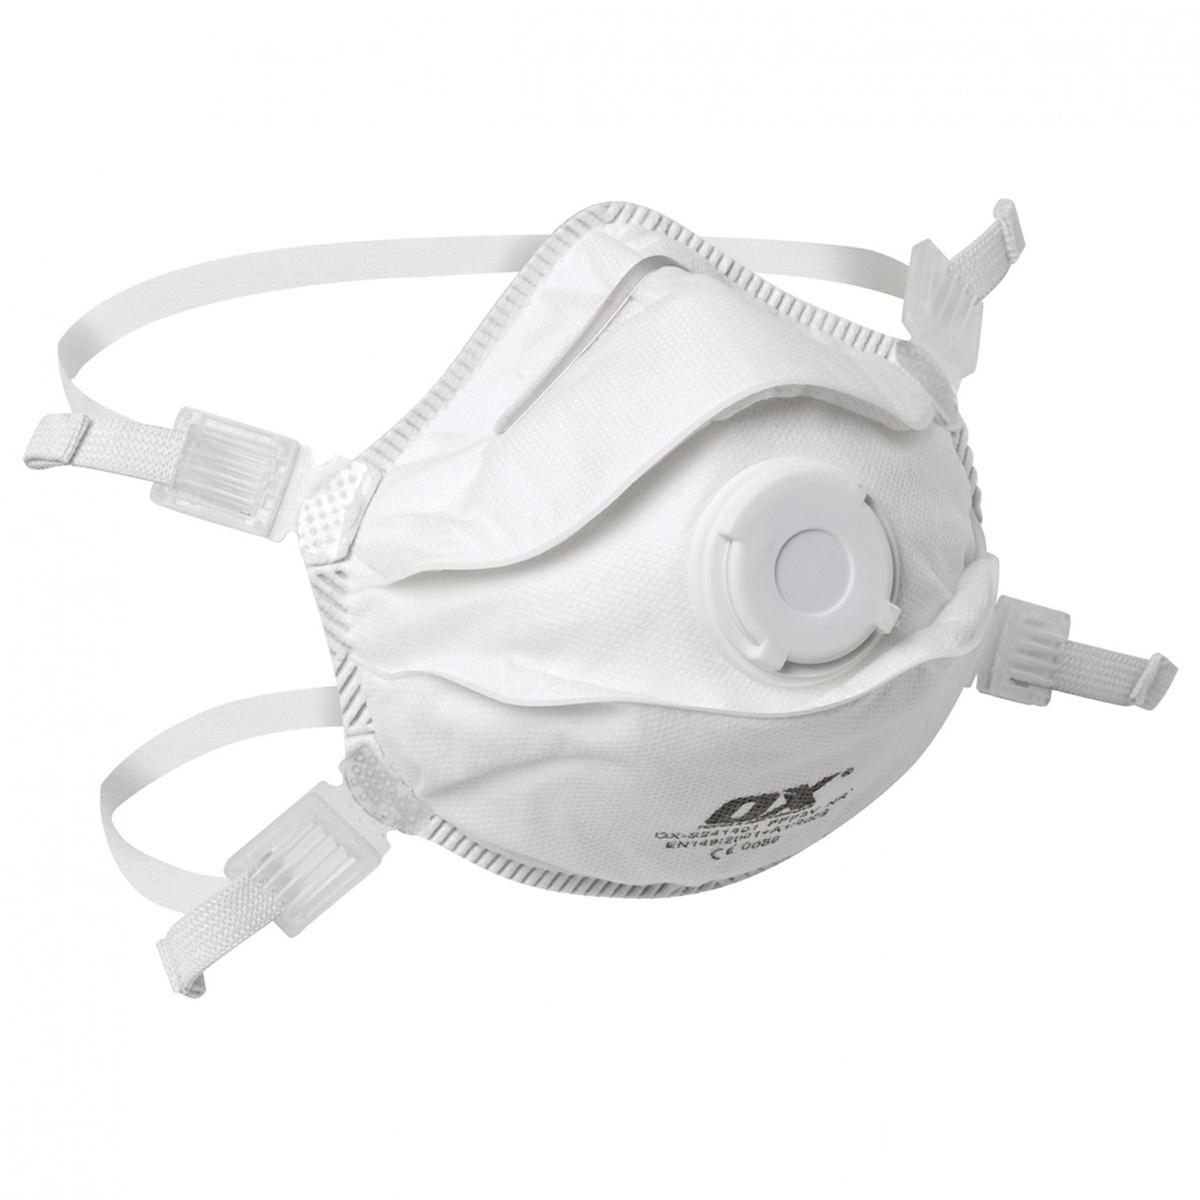 FFP3V Moulded Cup Respirator / Valve - 5PK